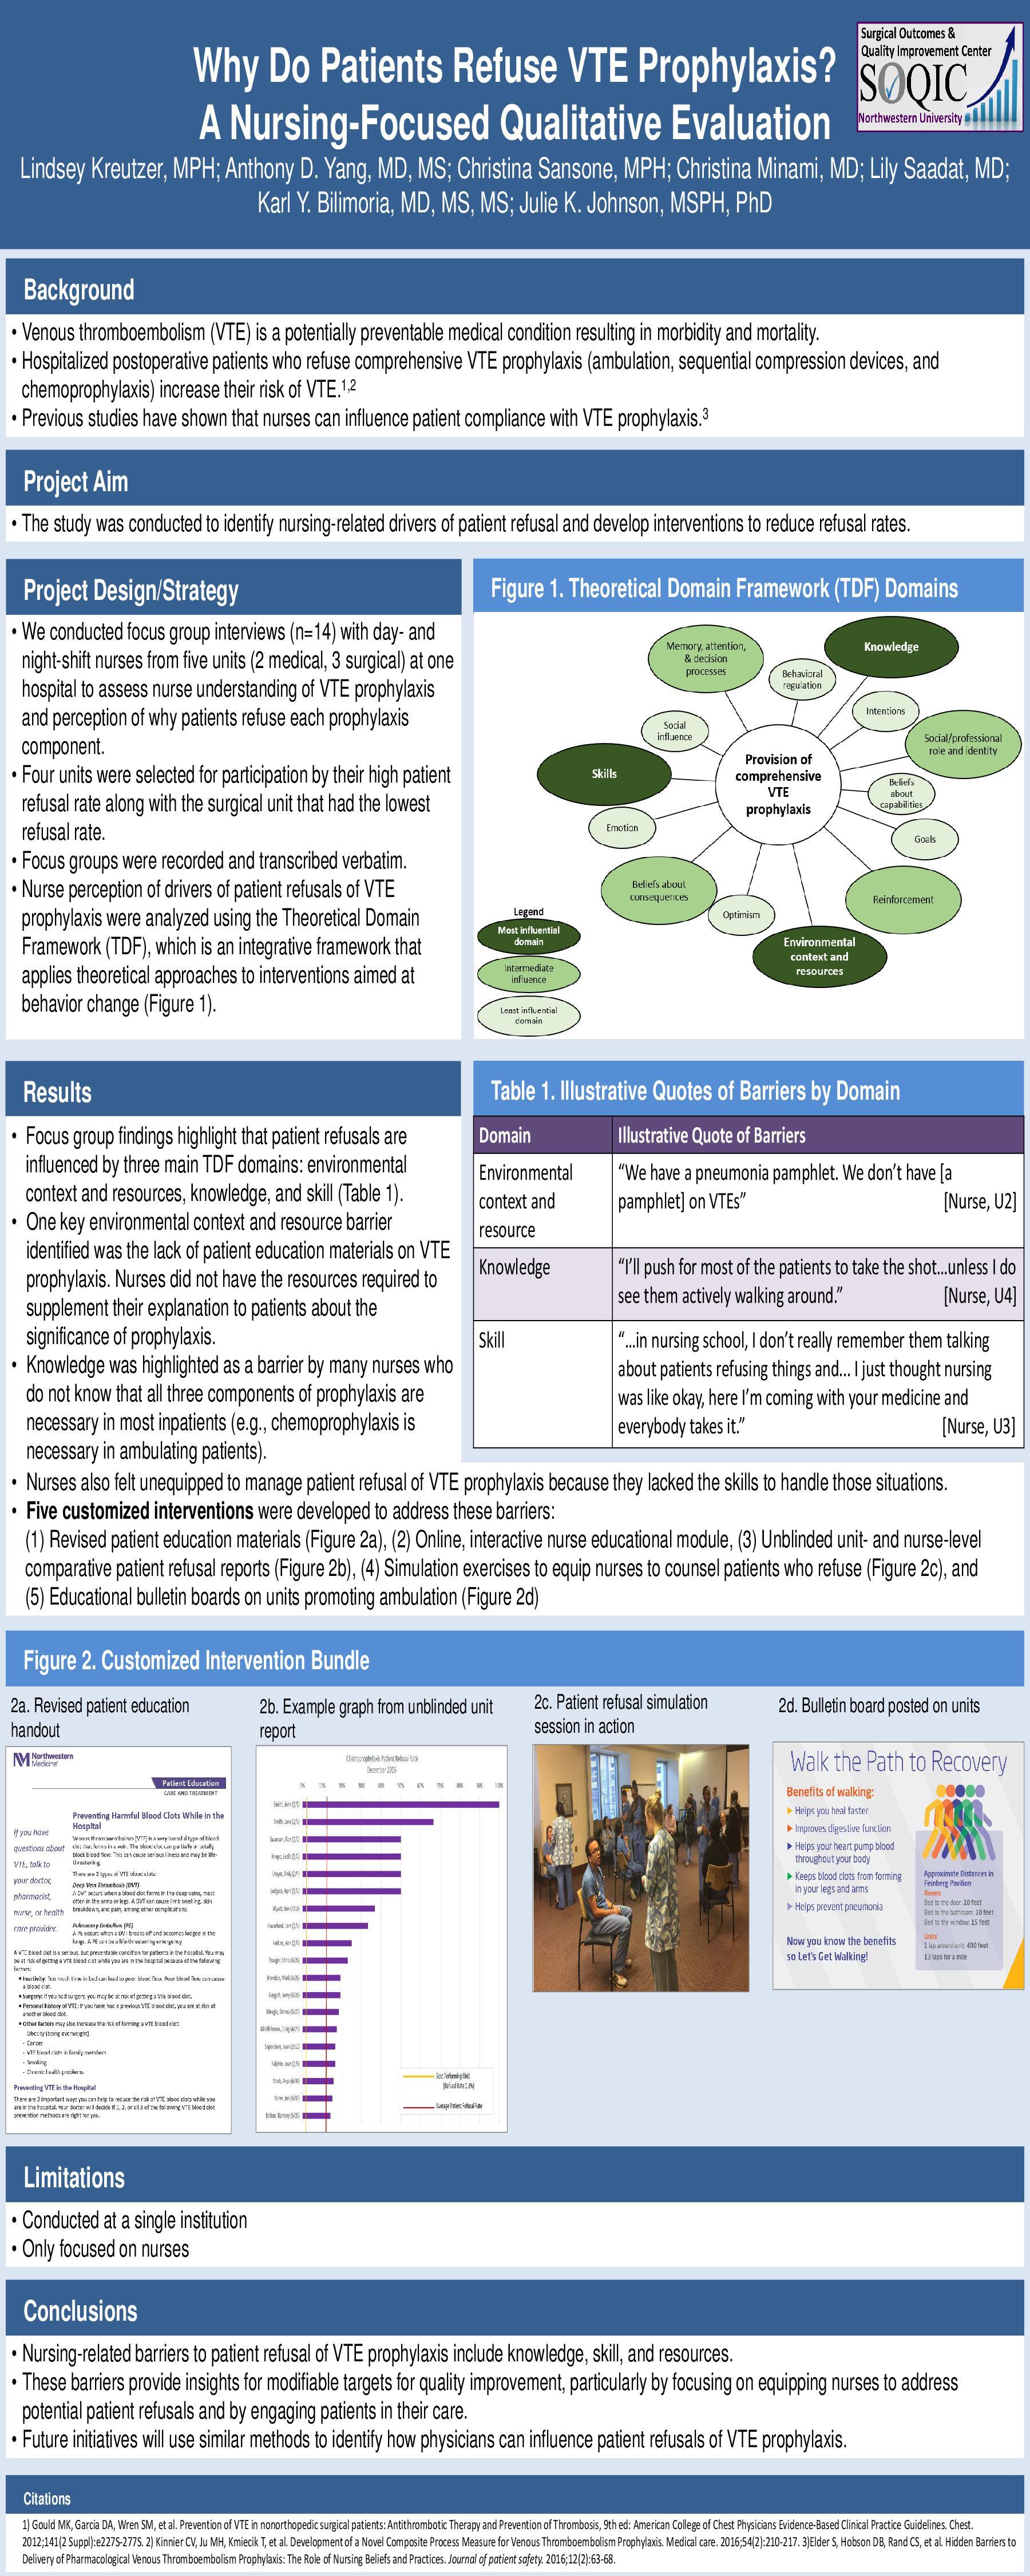 nurse focused qualitative study